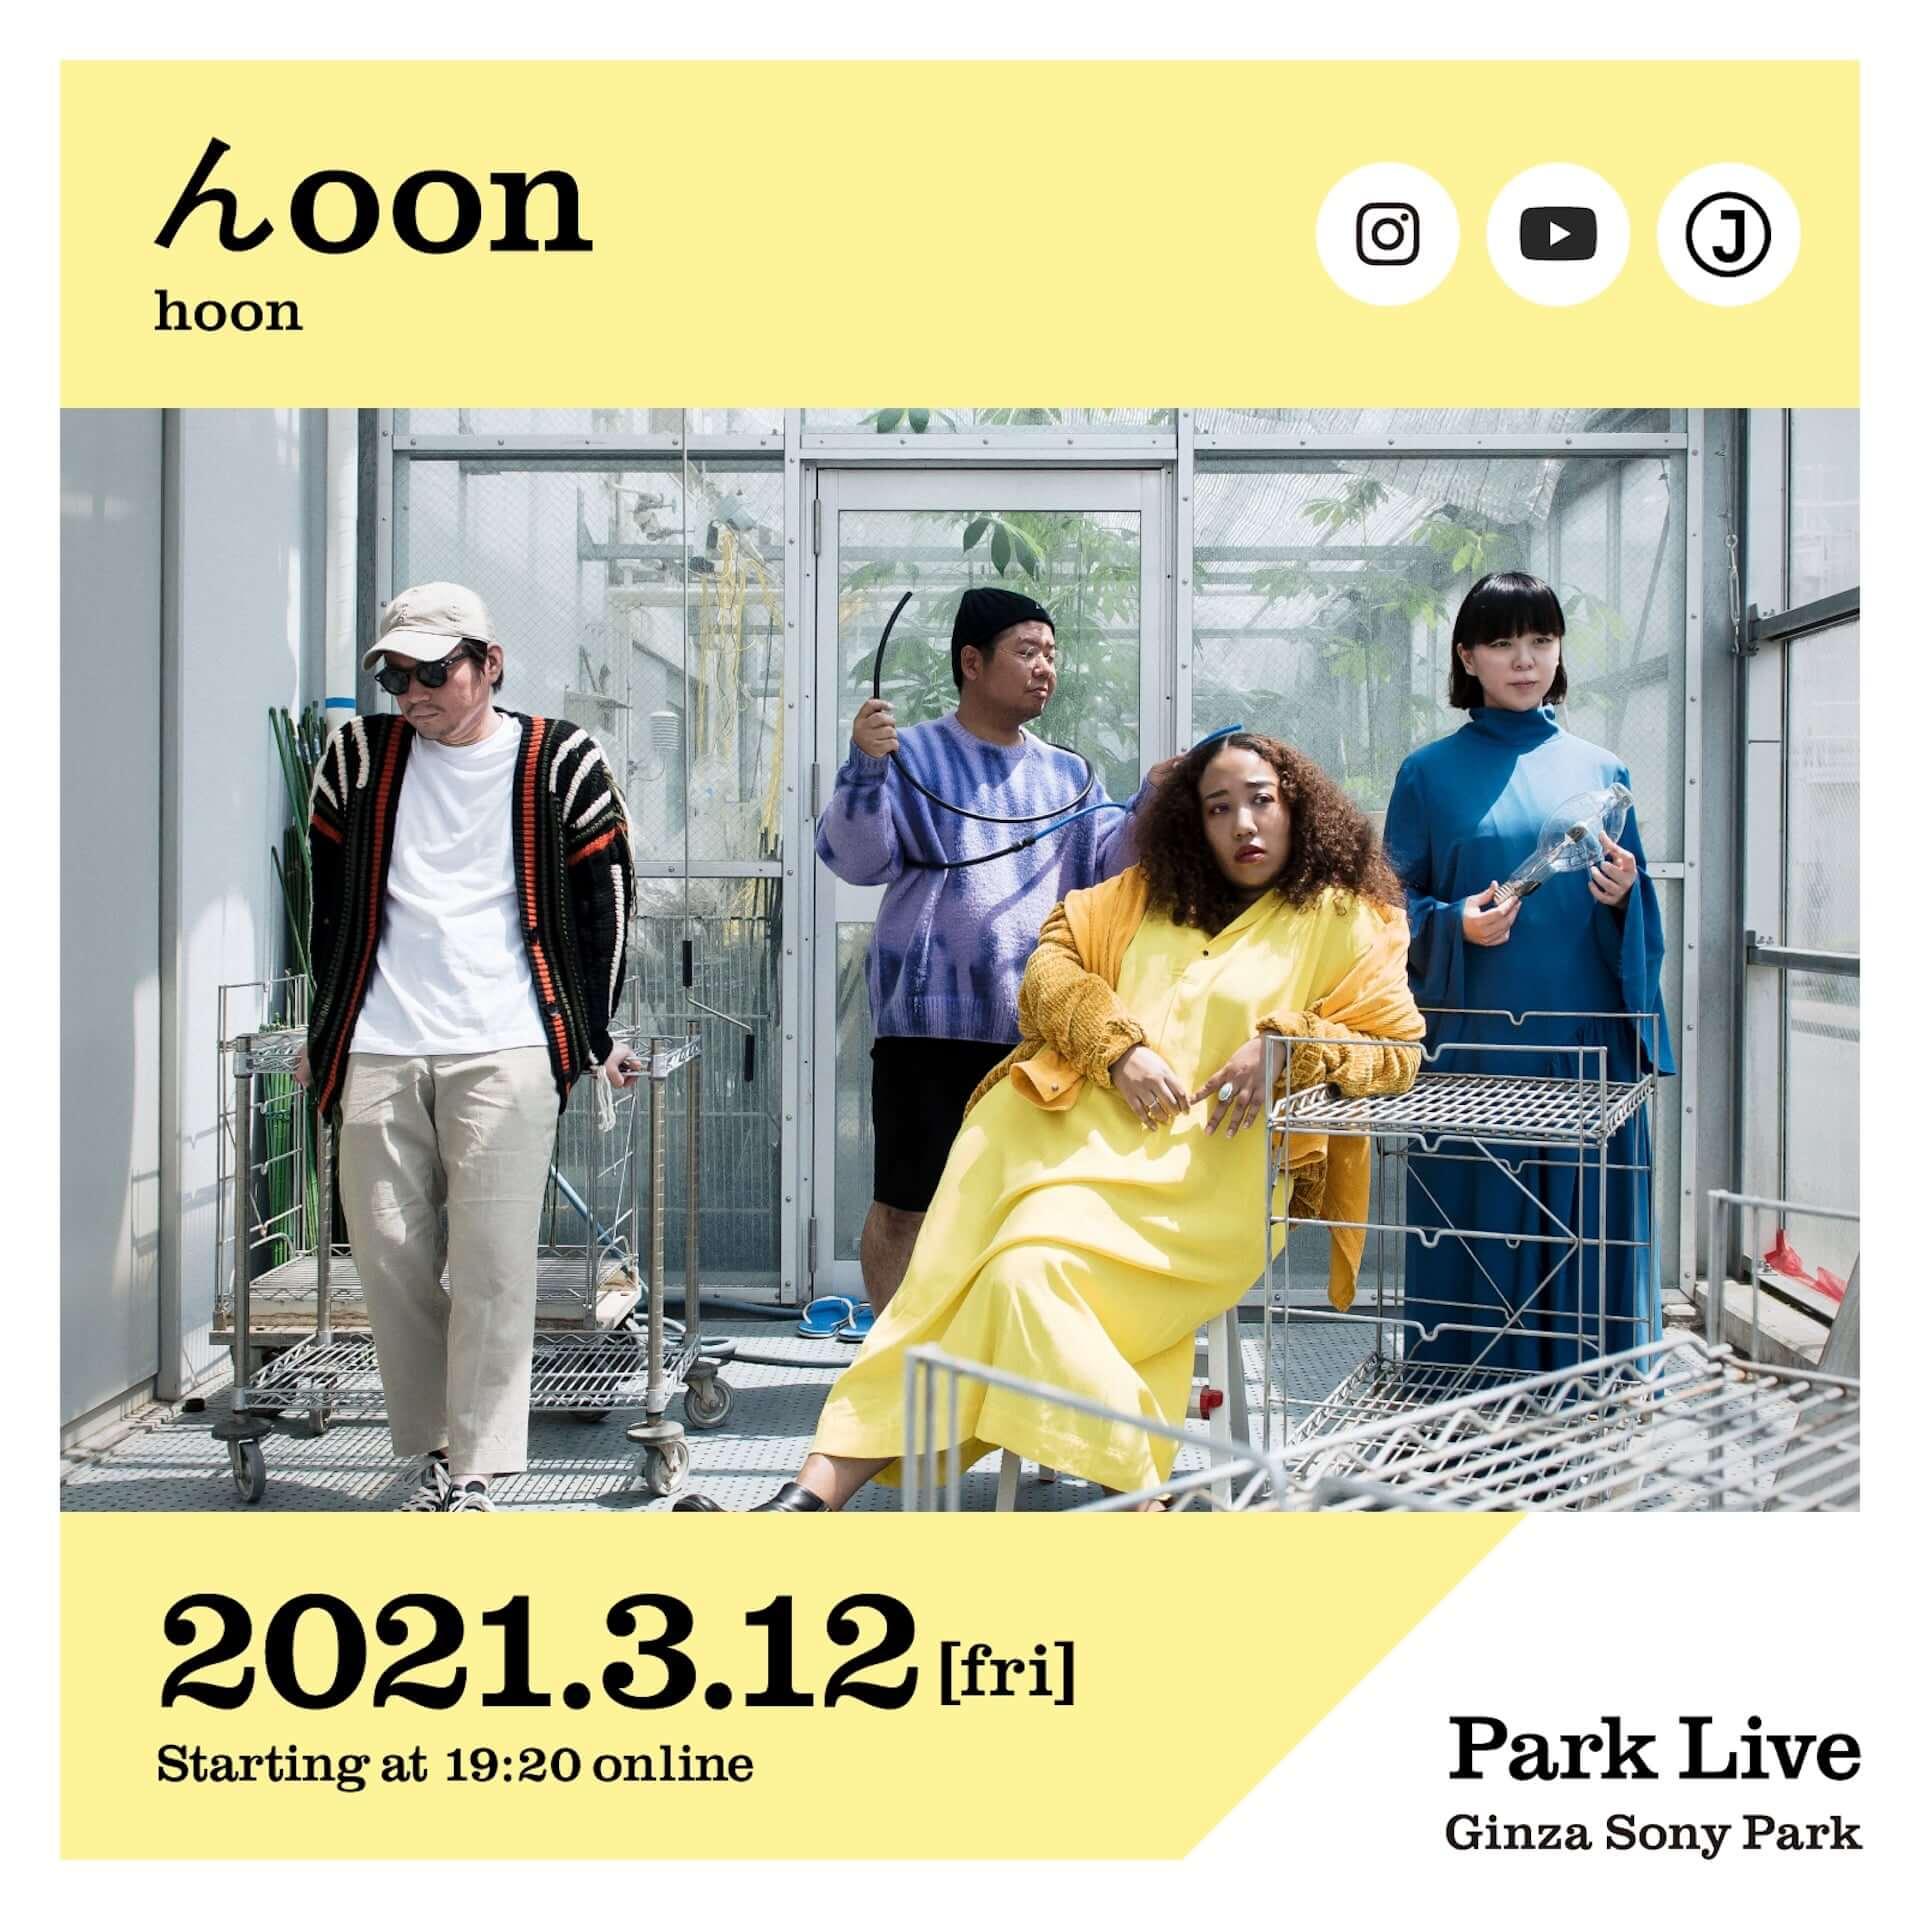 んoonが配信ライブシリーズ<Park Live>に登場!YouTube&Instagramで生演奏を披露 music210309_parklive-hoon_1-1920x1920